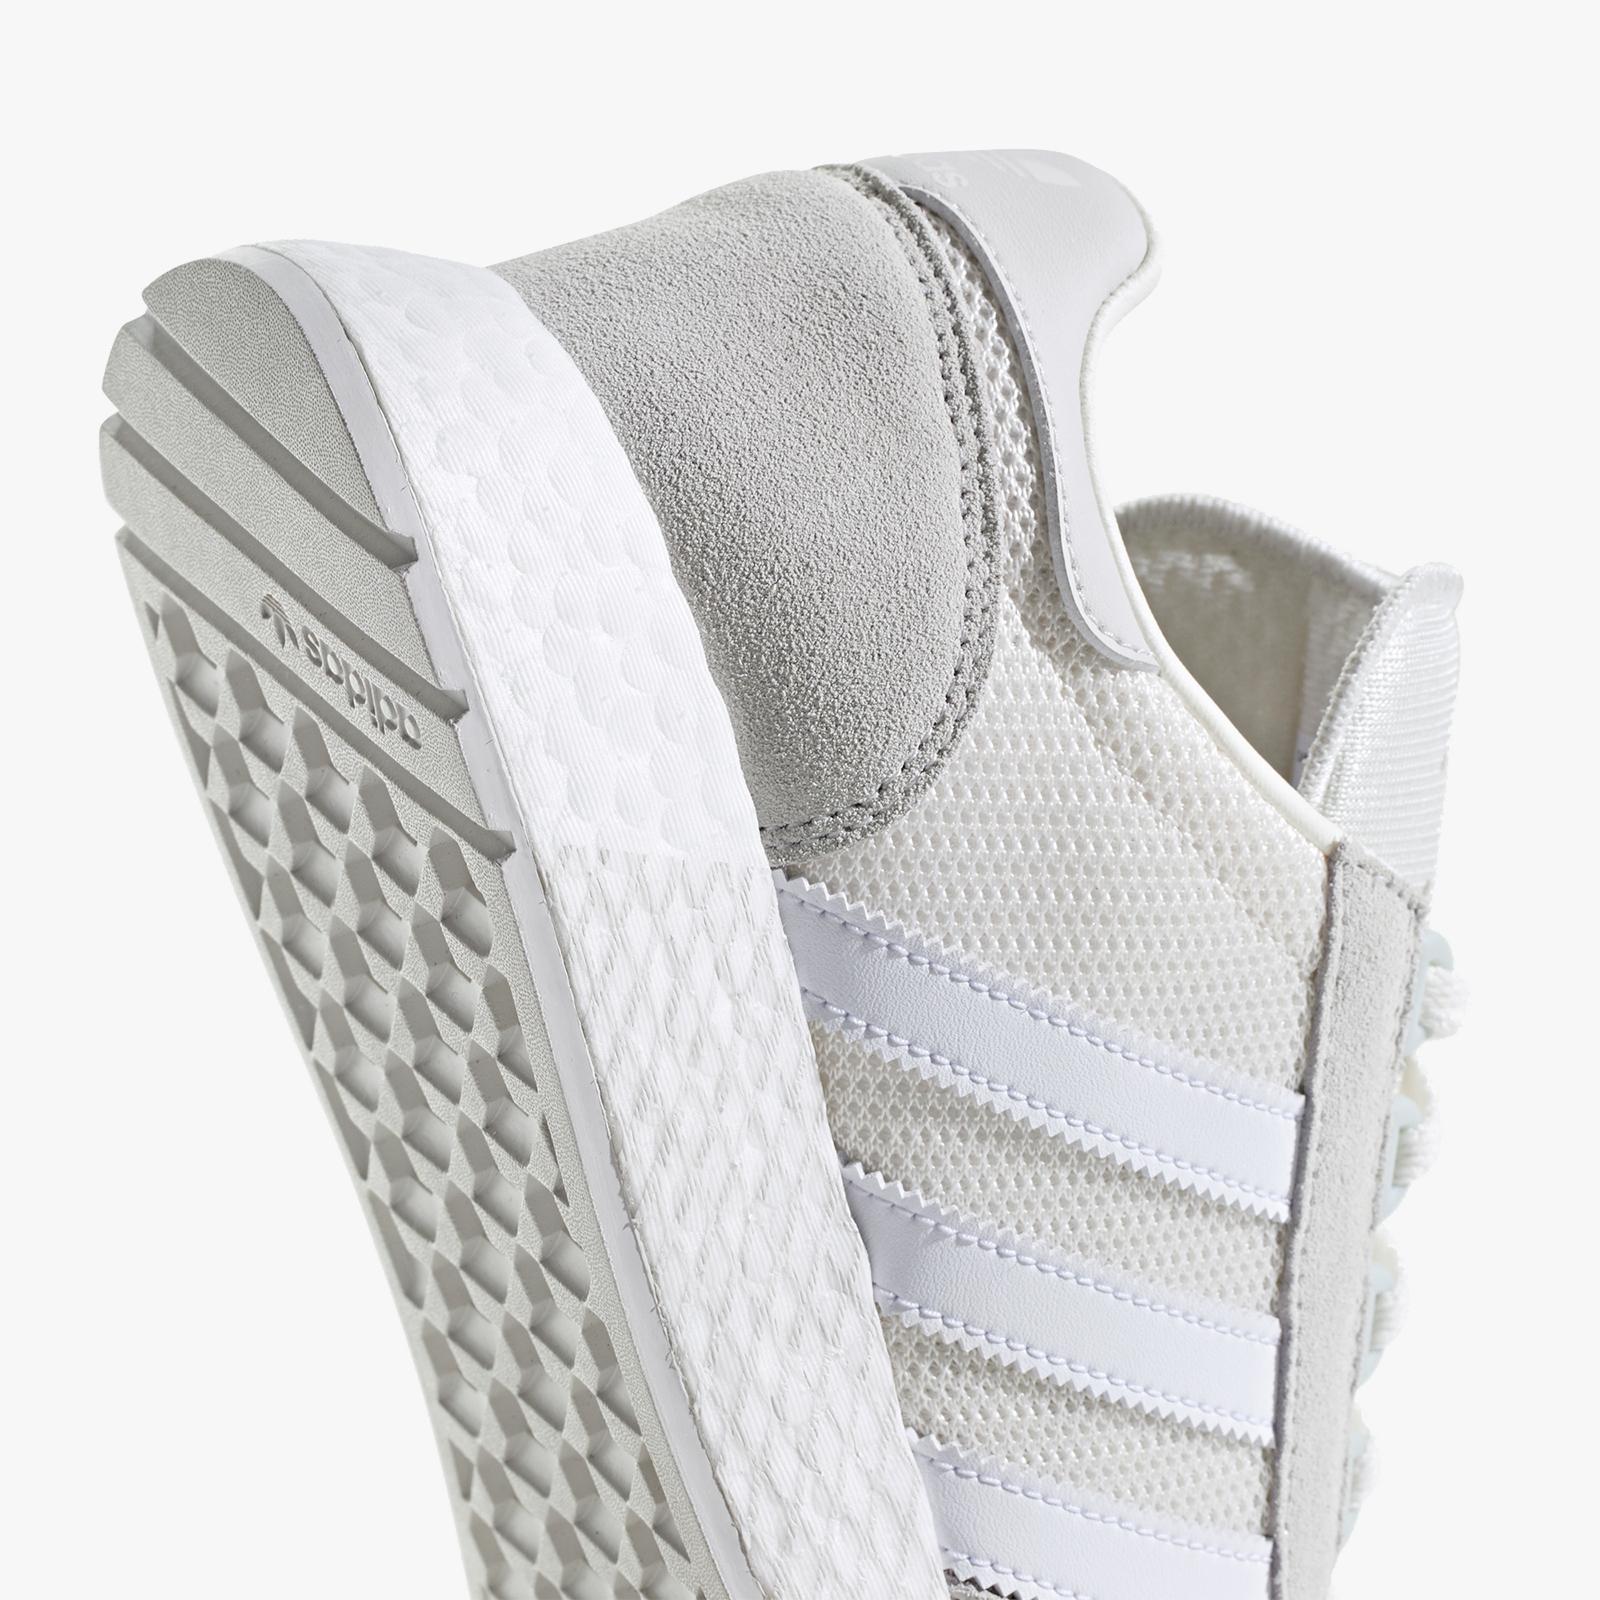 new style 98f95 e09e9 adidas Originals Marathon x 5923 - 5. Close